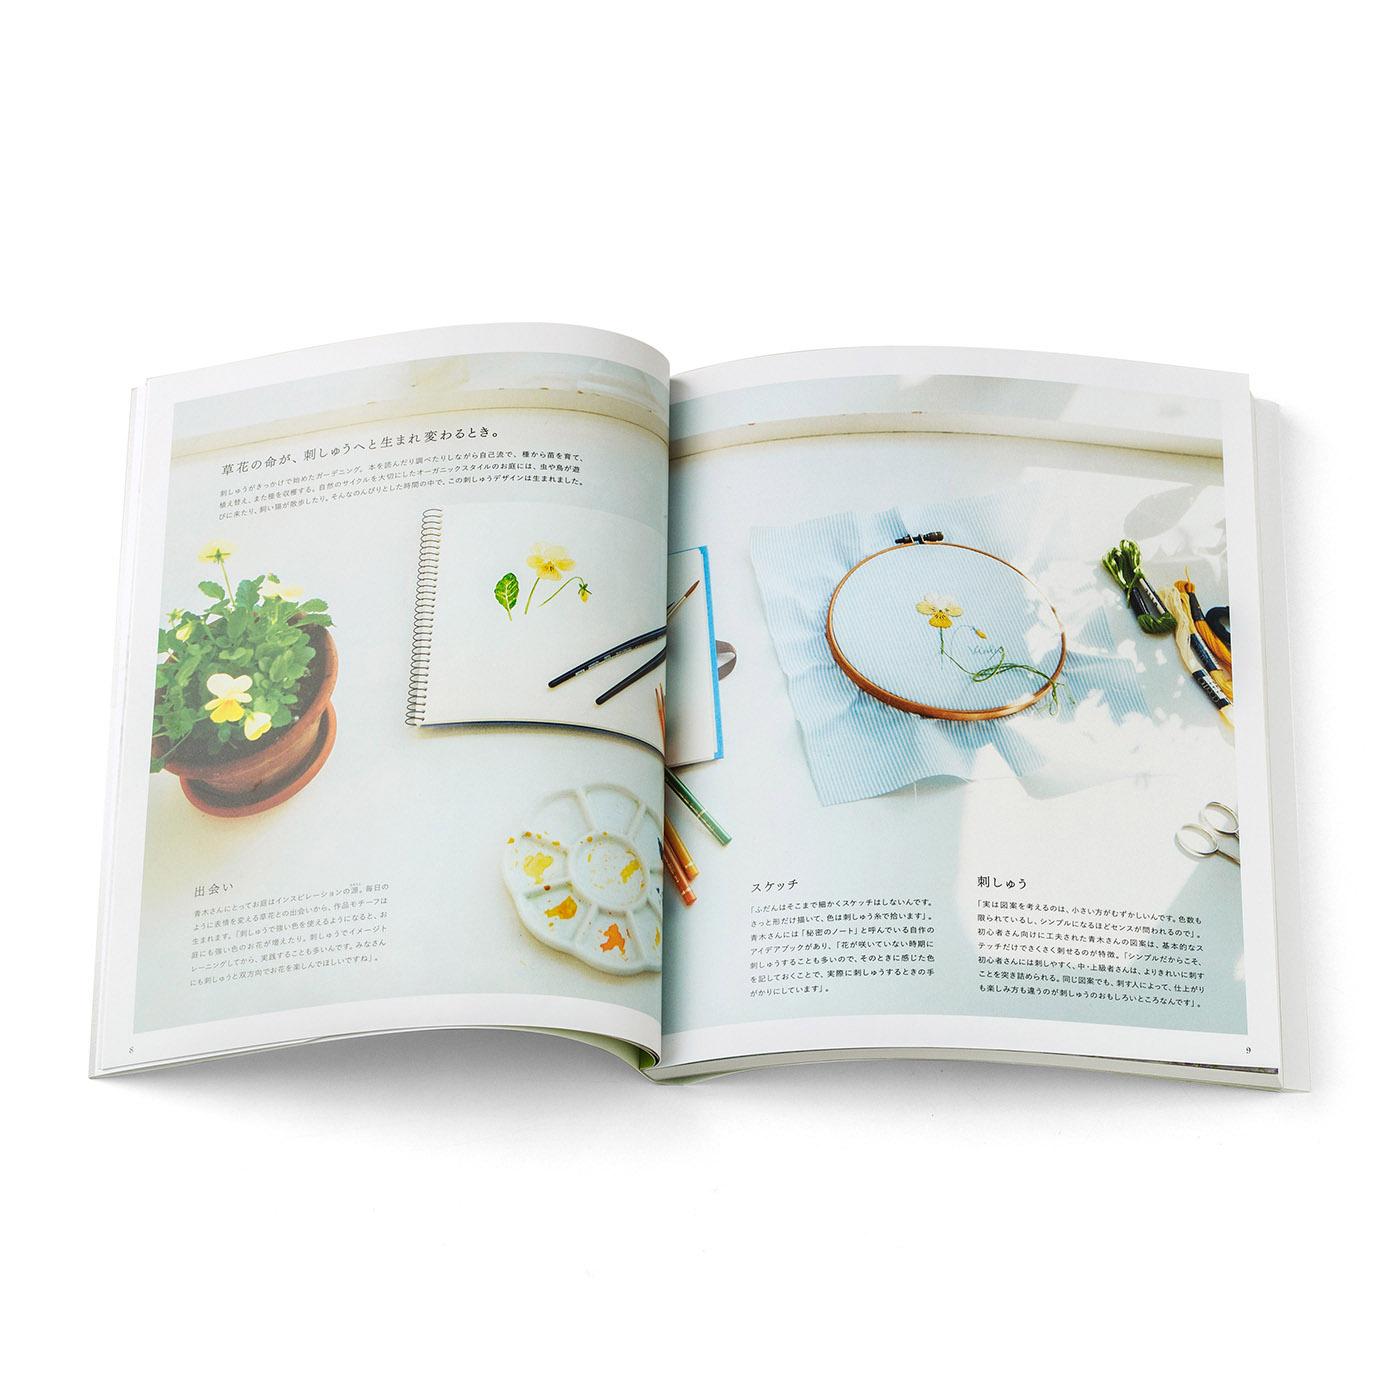 青木 和子さんの素敵なお庭や、デザインに至るまでのエピソードも掲載。